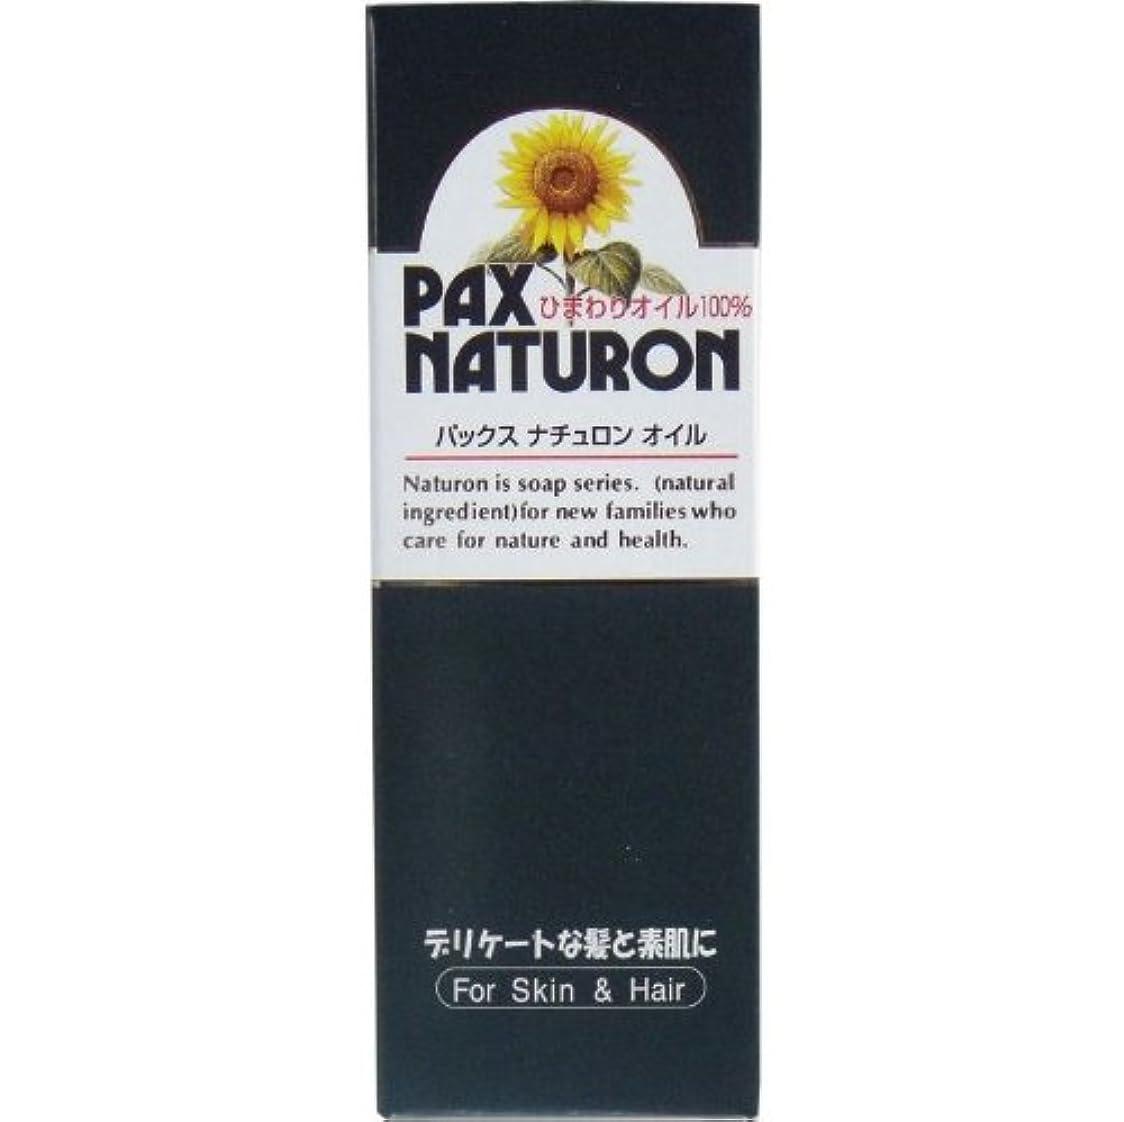 糞社会科条件付きデリケートな髪と素肌に!ひまわりの種子から採った ハイオレイックひまわり油 60mL【4個セット】